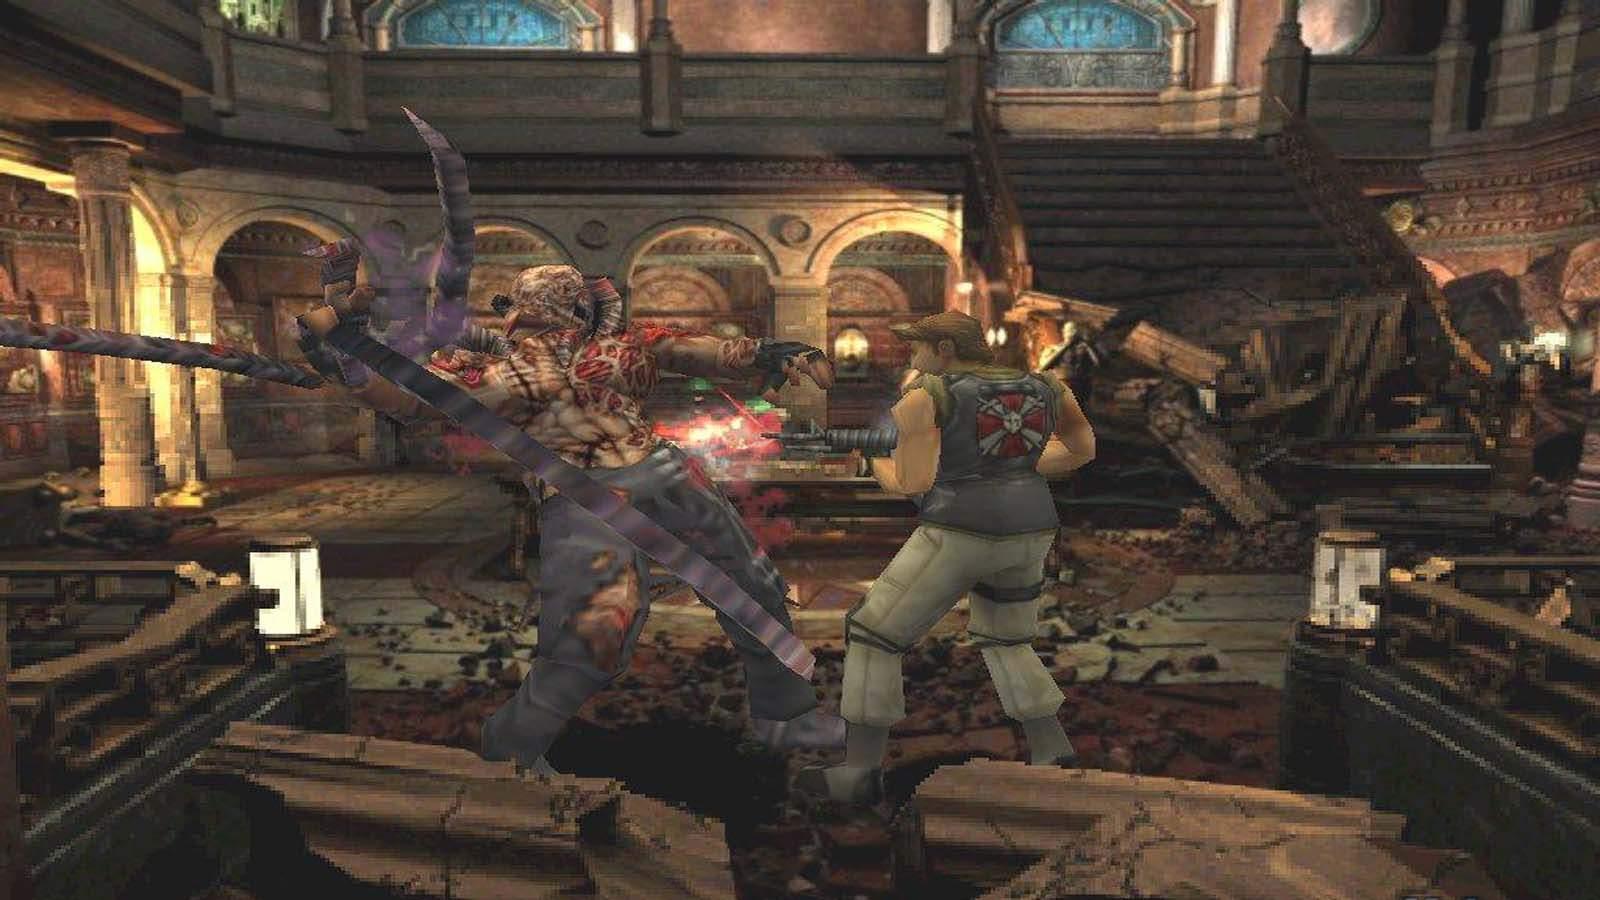 تحميل لعبة Resident Evil 3 مضغوطة برابط واحد مباشر كاملة مجانا